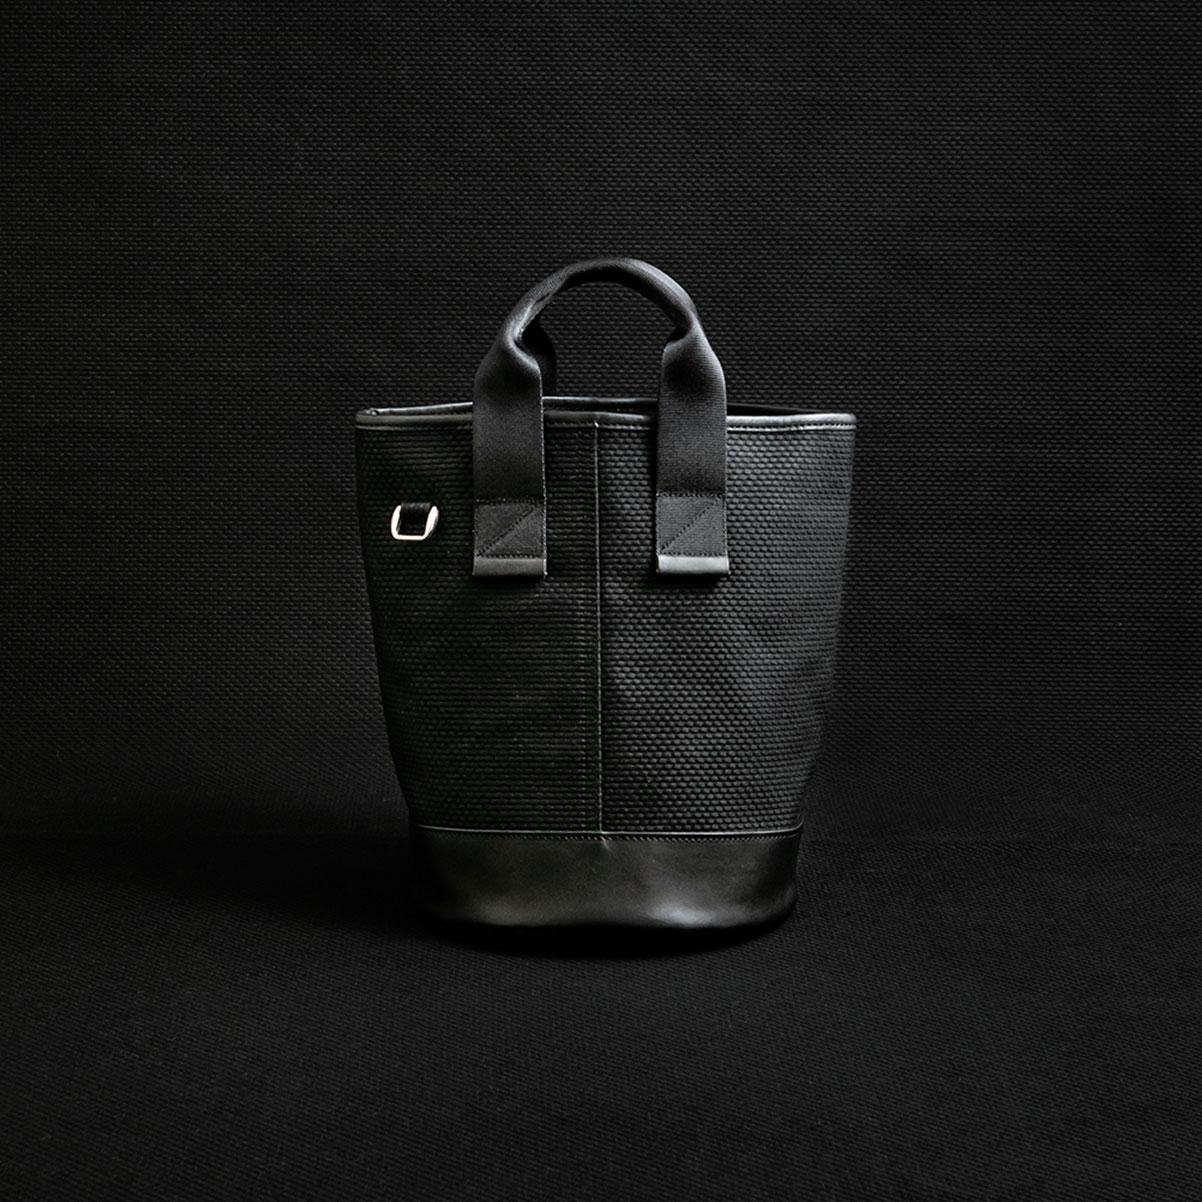 N°50-plus Laundry bag small